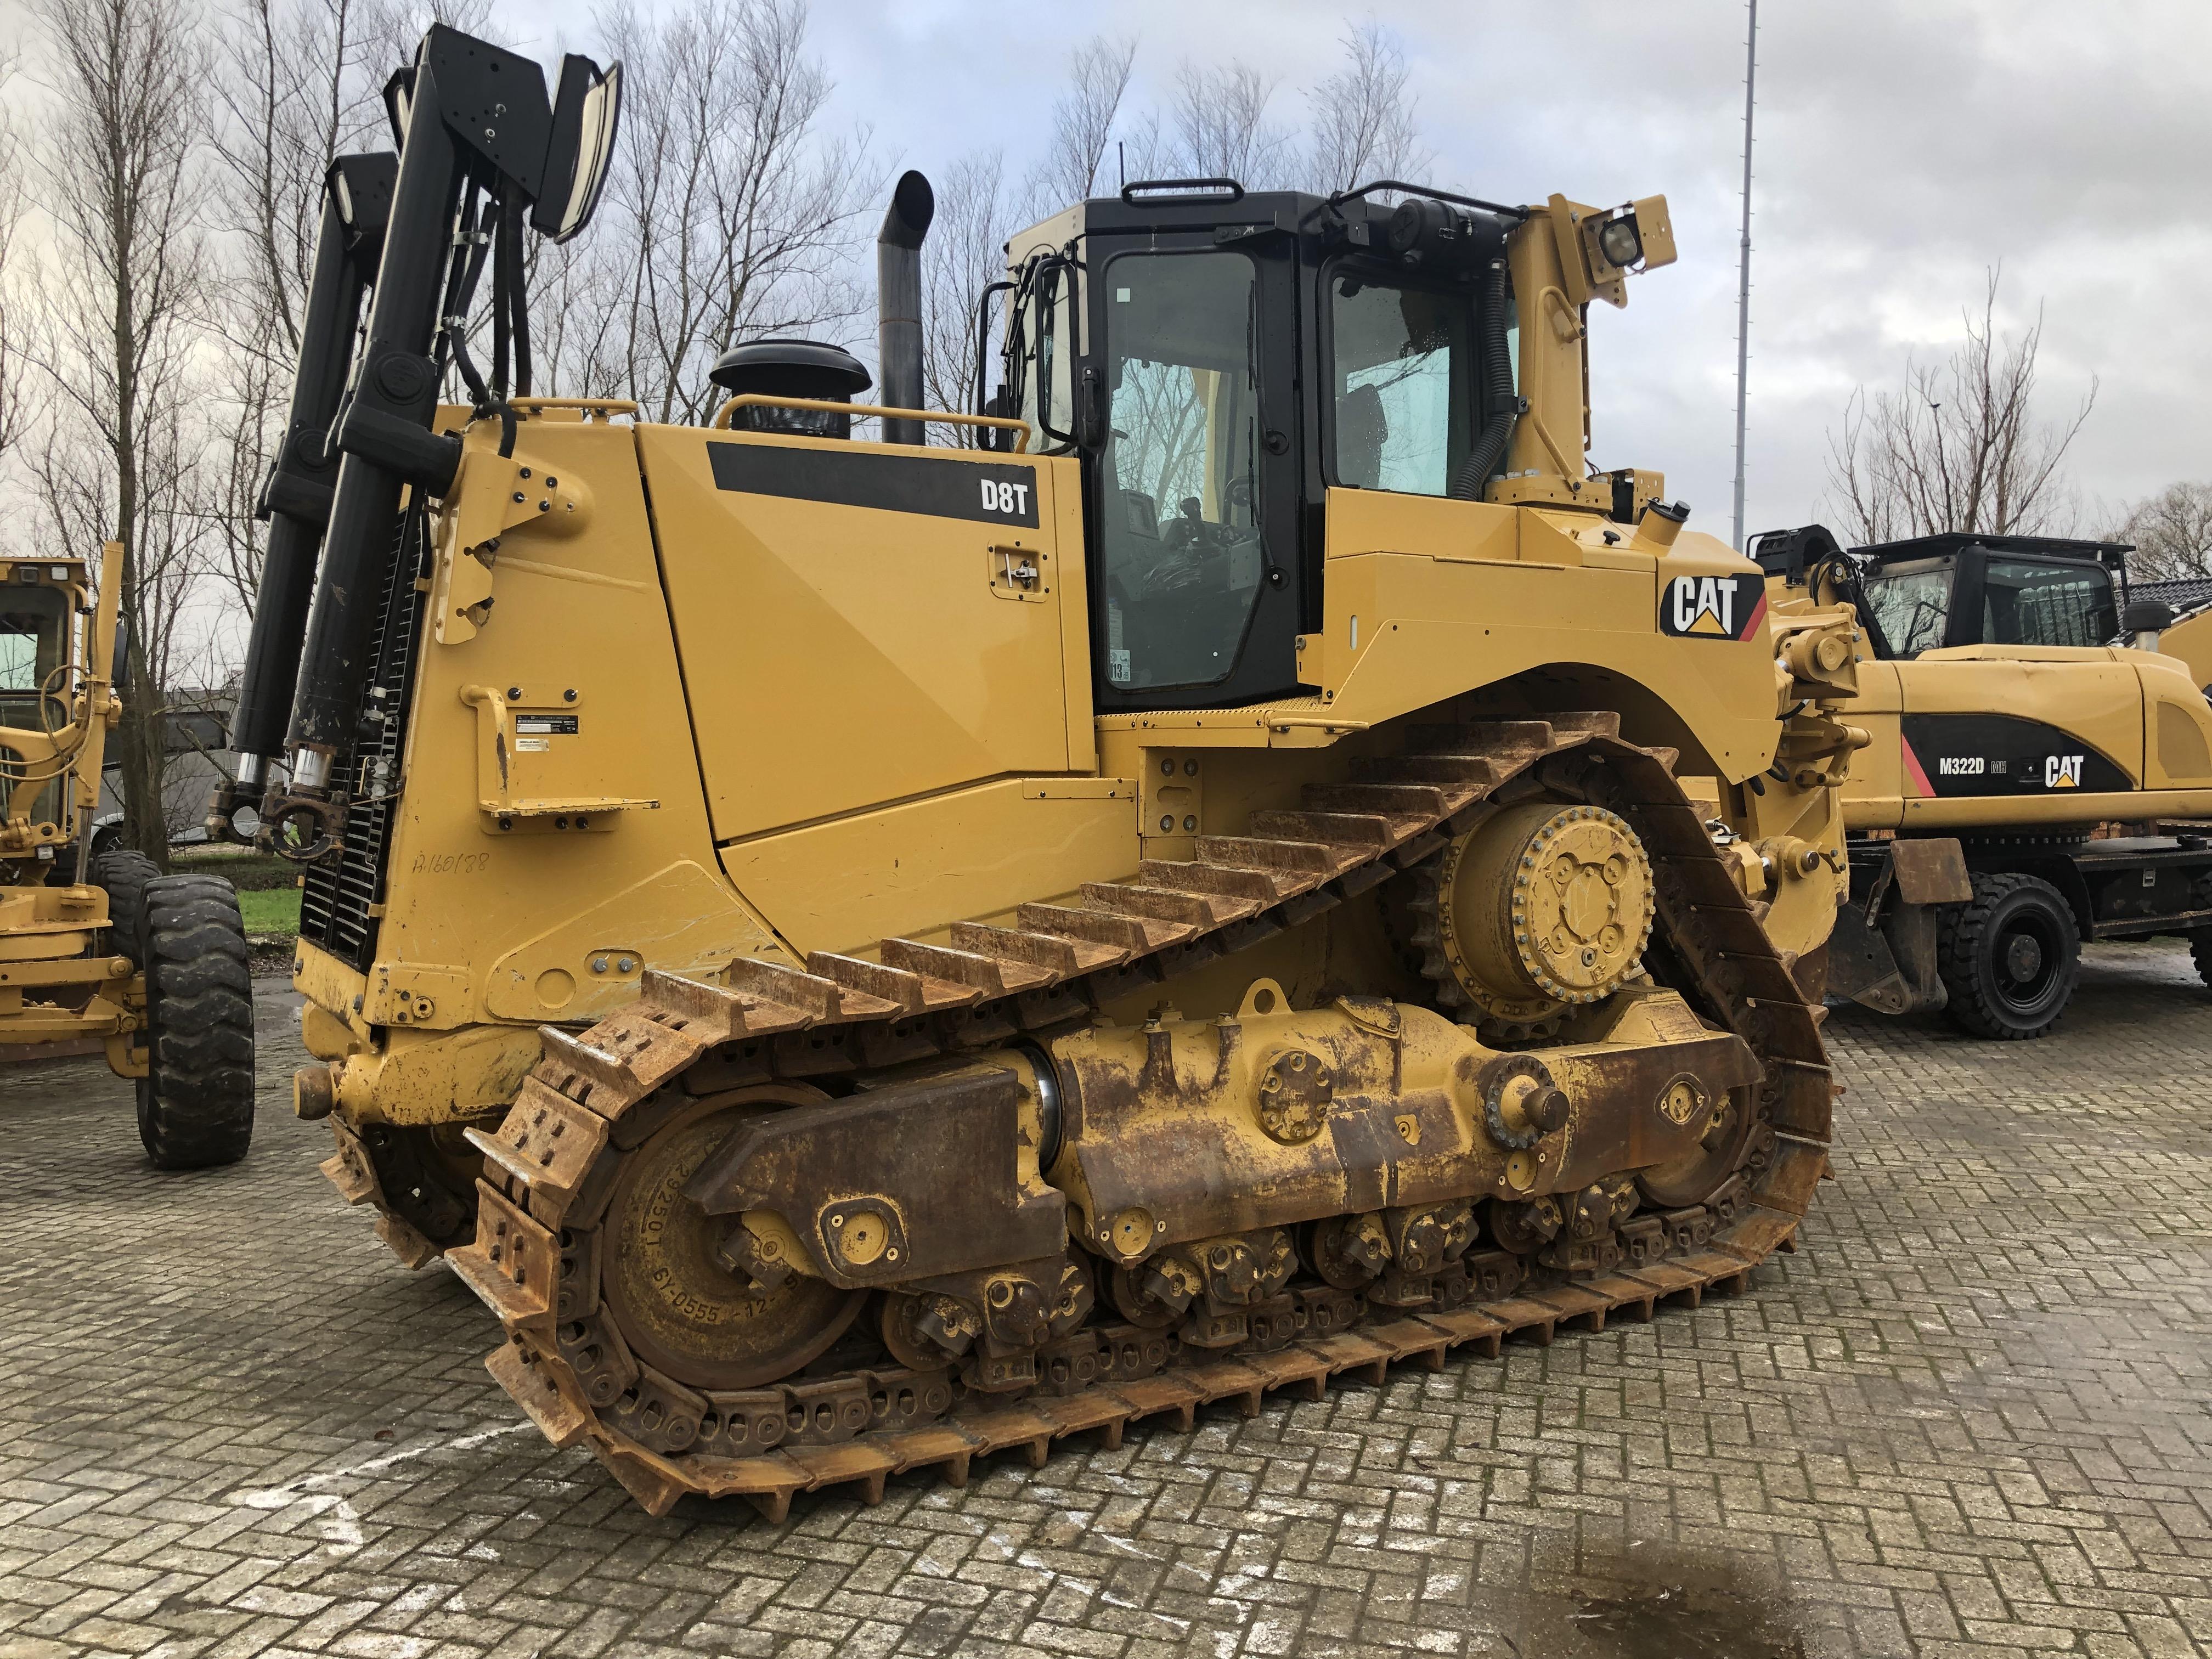 Caterpillar D8T | United Equipment